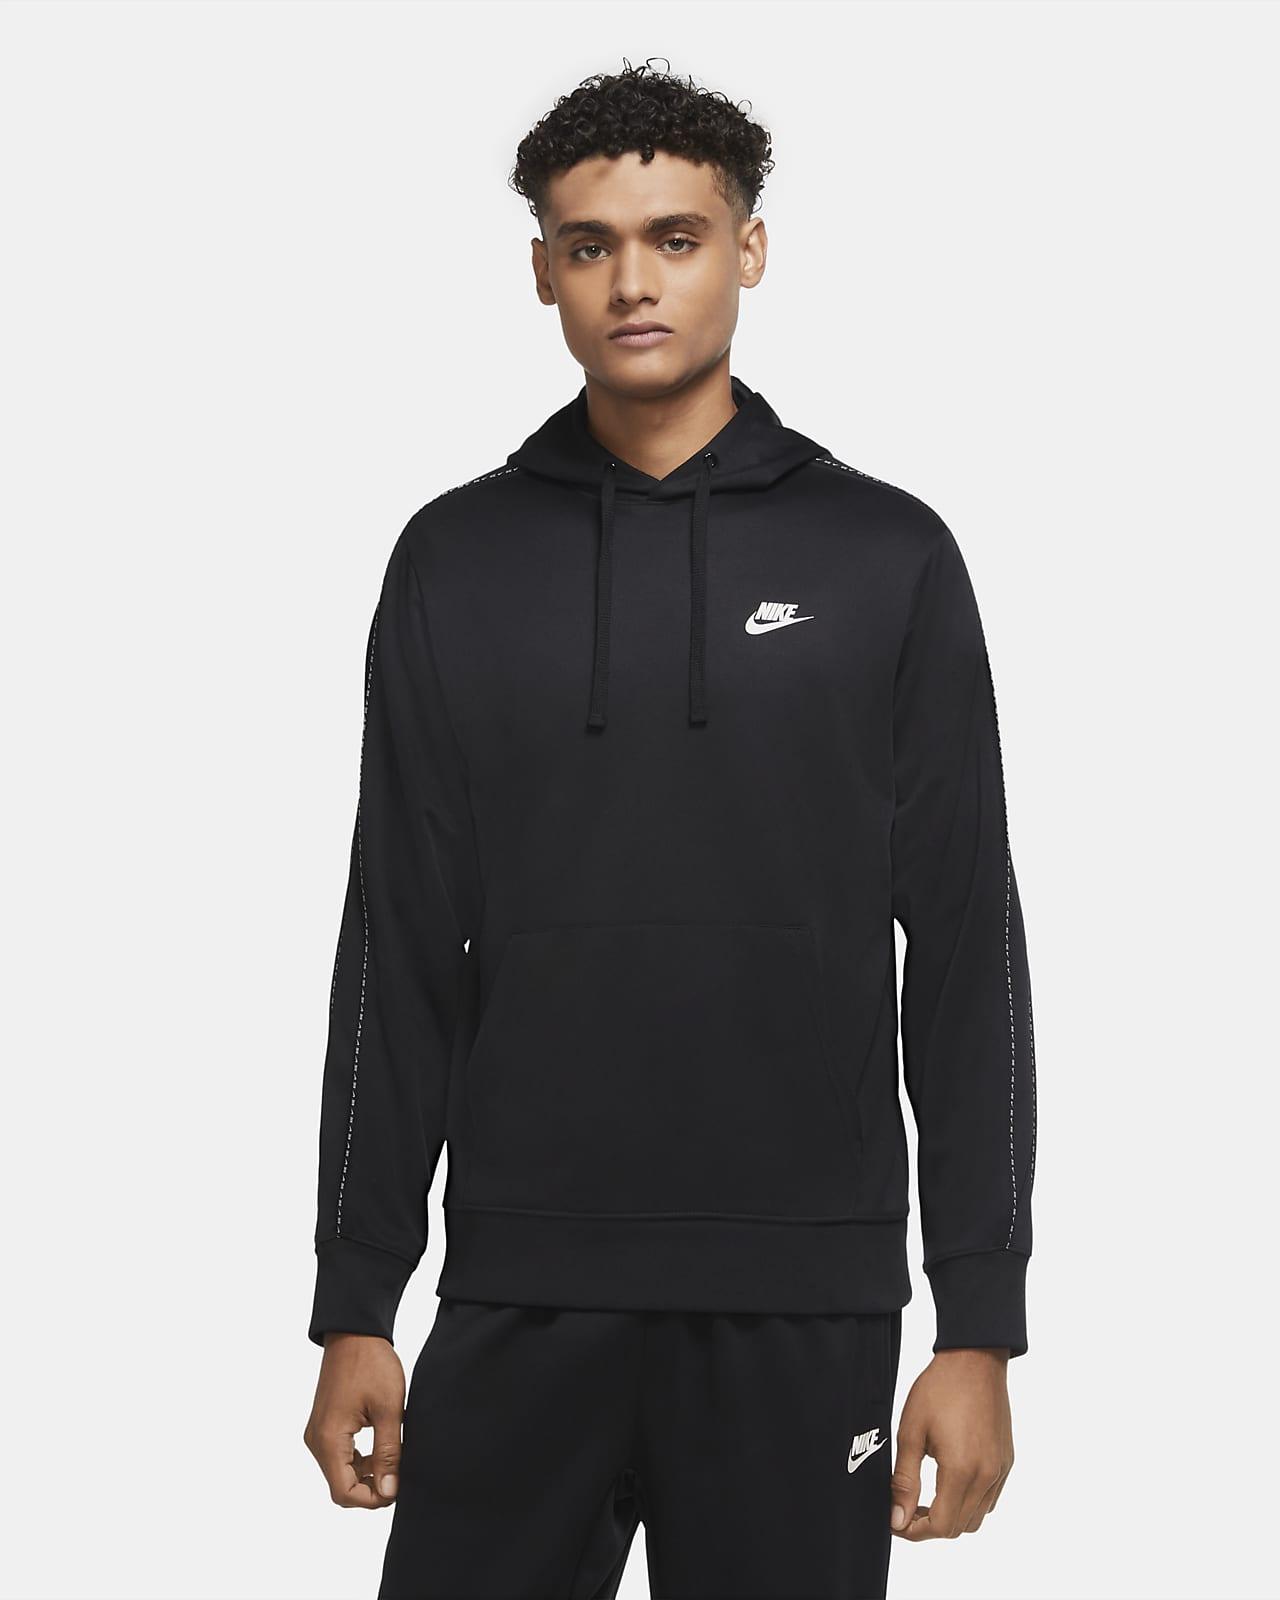 Hoodie pullover Nike Sportswear para homem